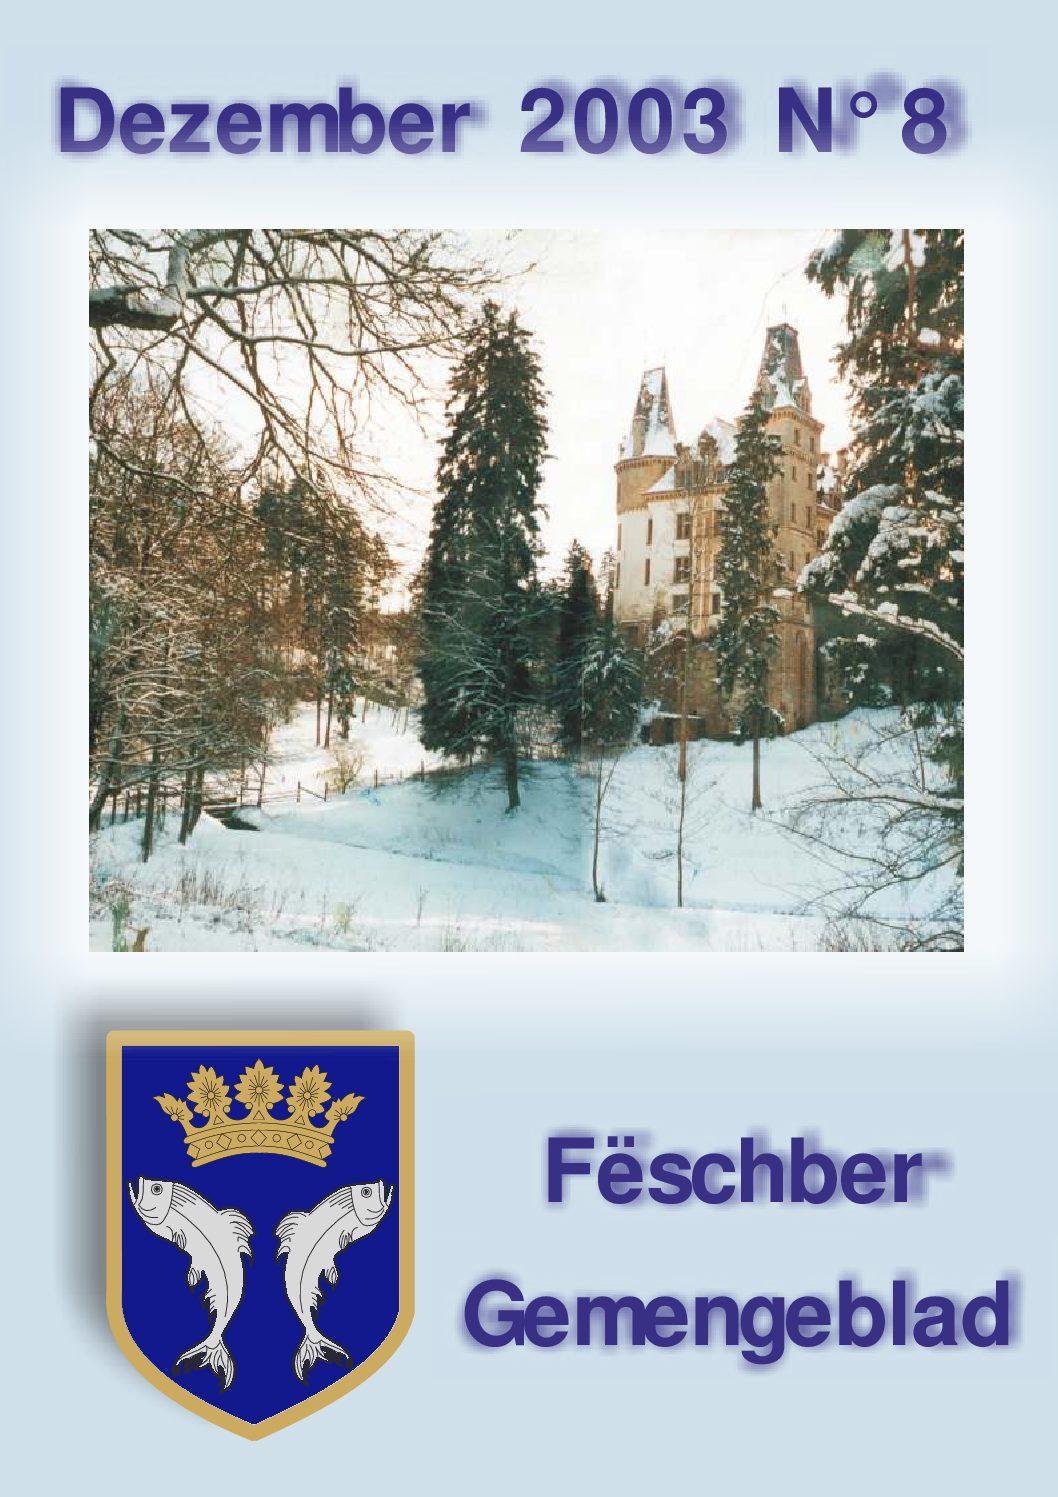 Dezember 2003 Gemengeblat No. 8